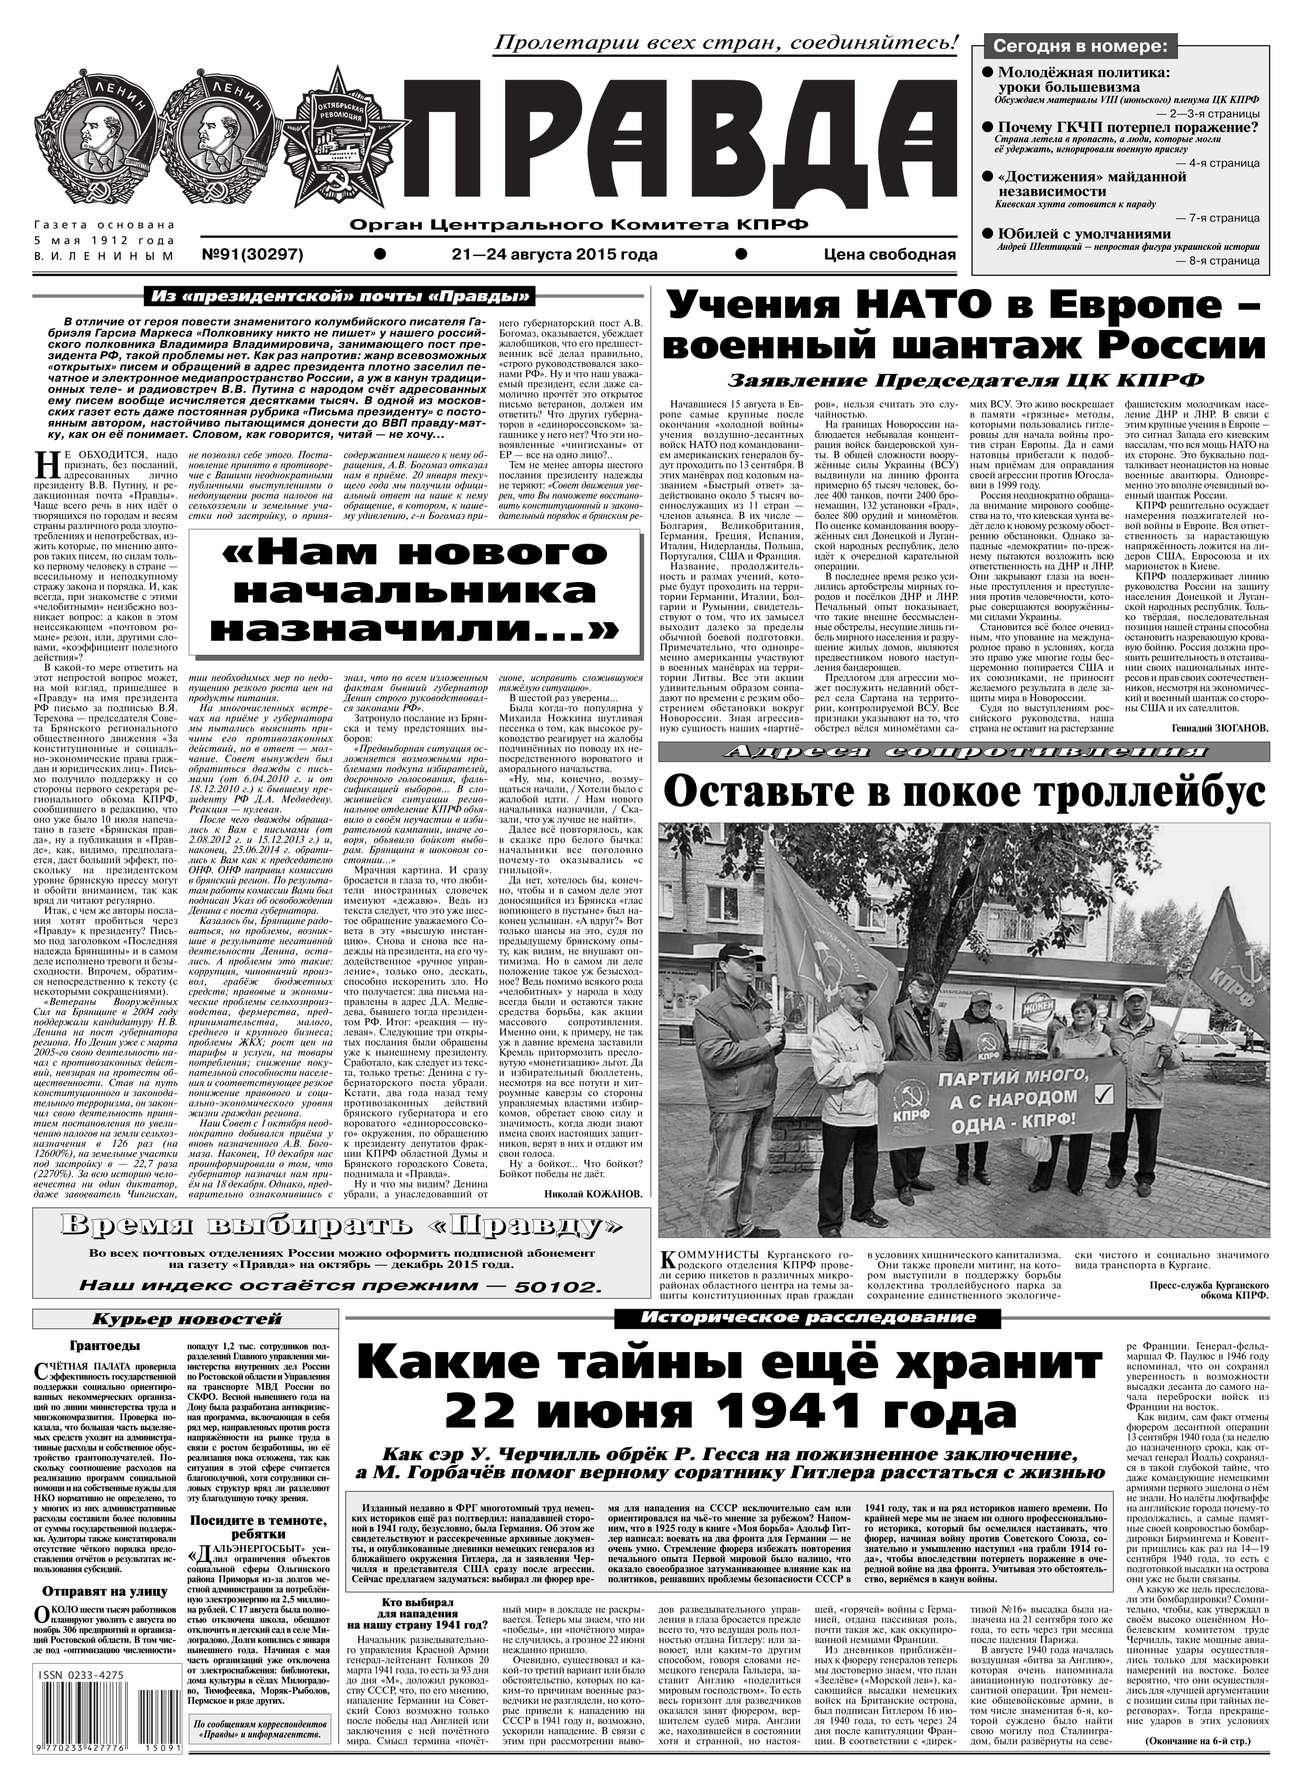 Редакция газеты Правда Правда 91-2015